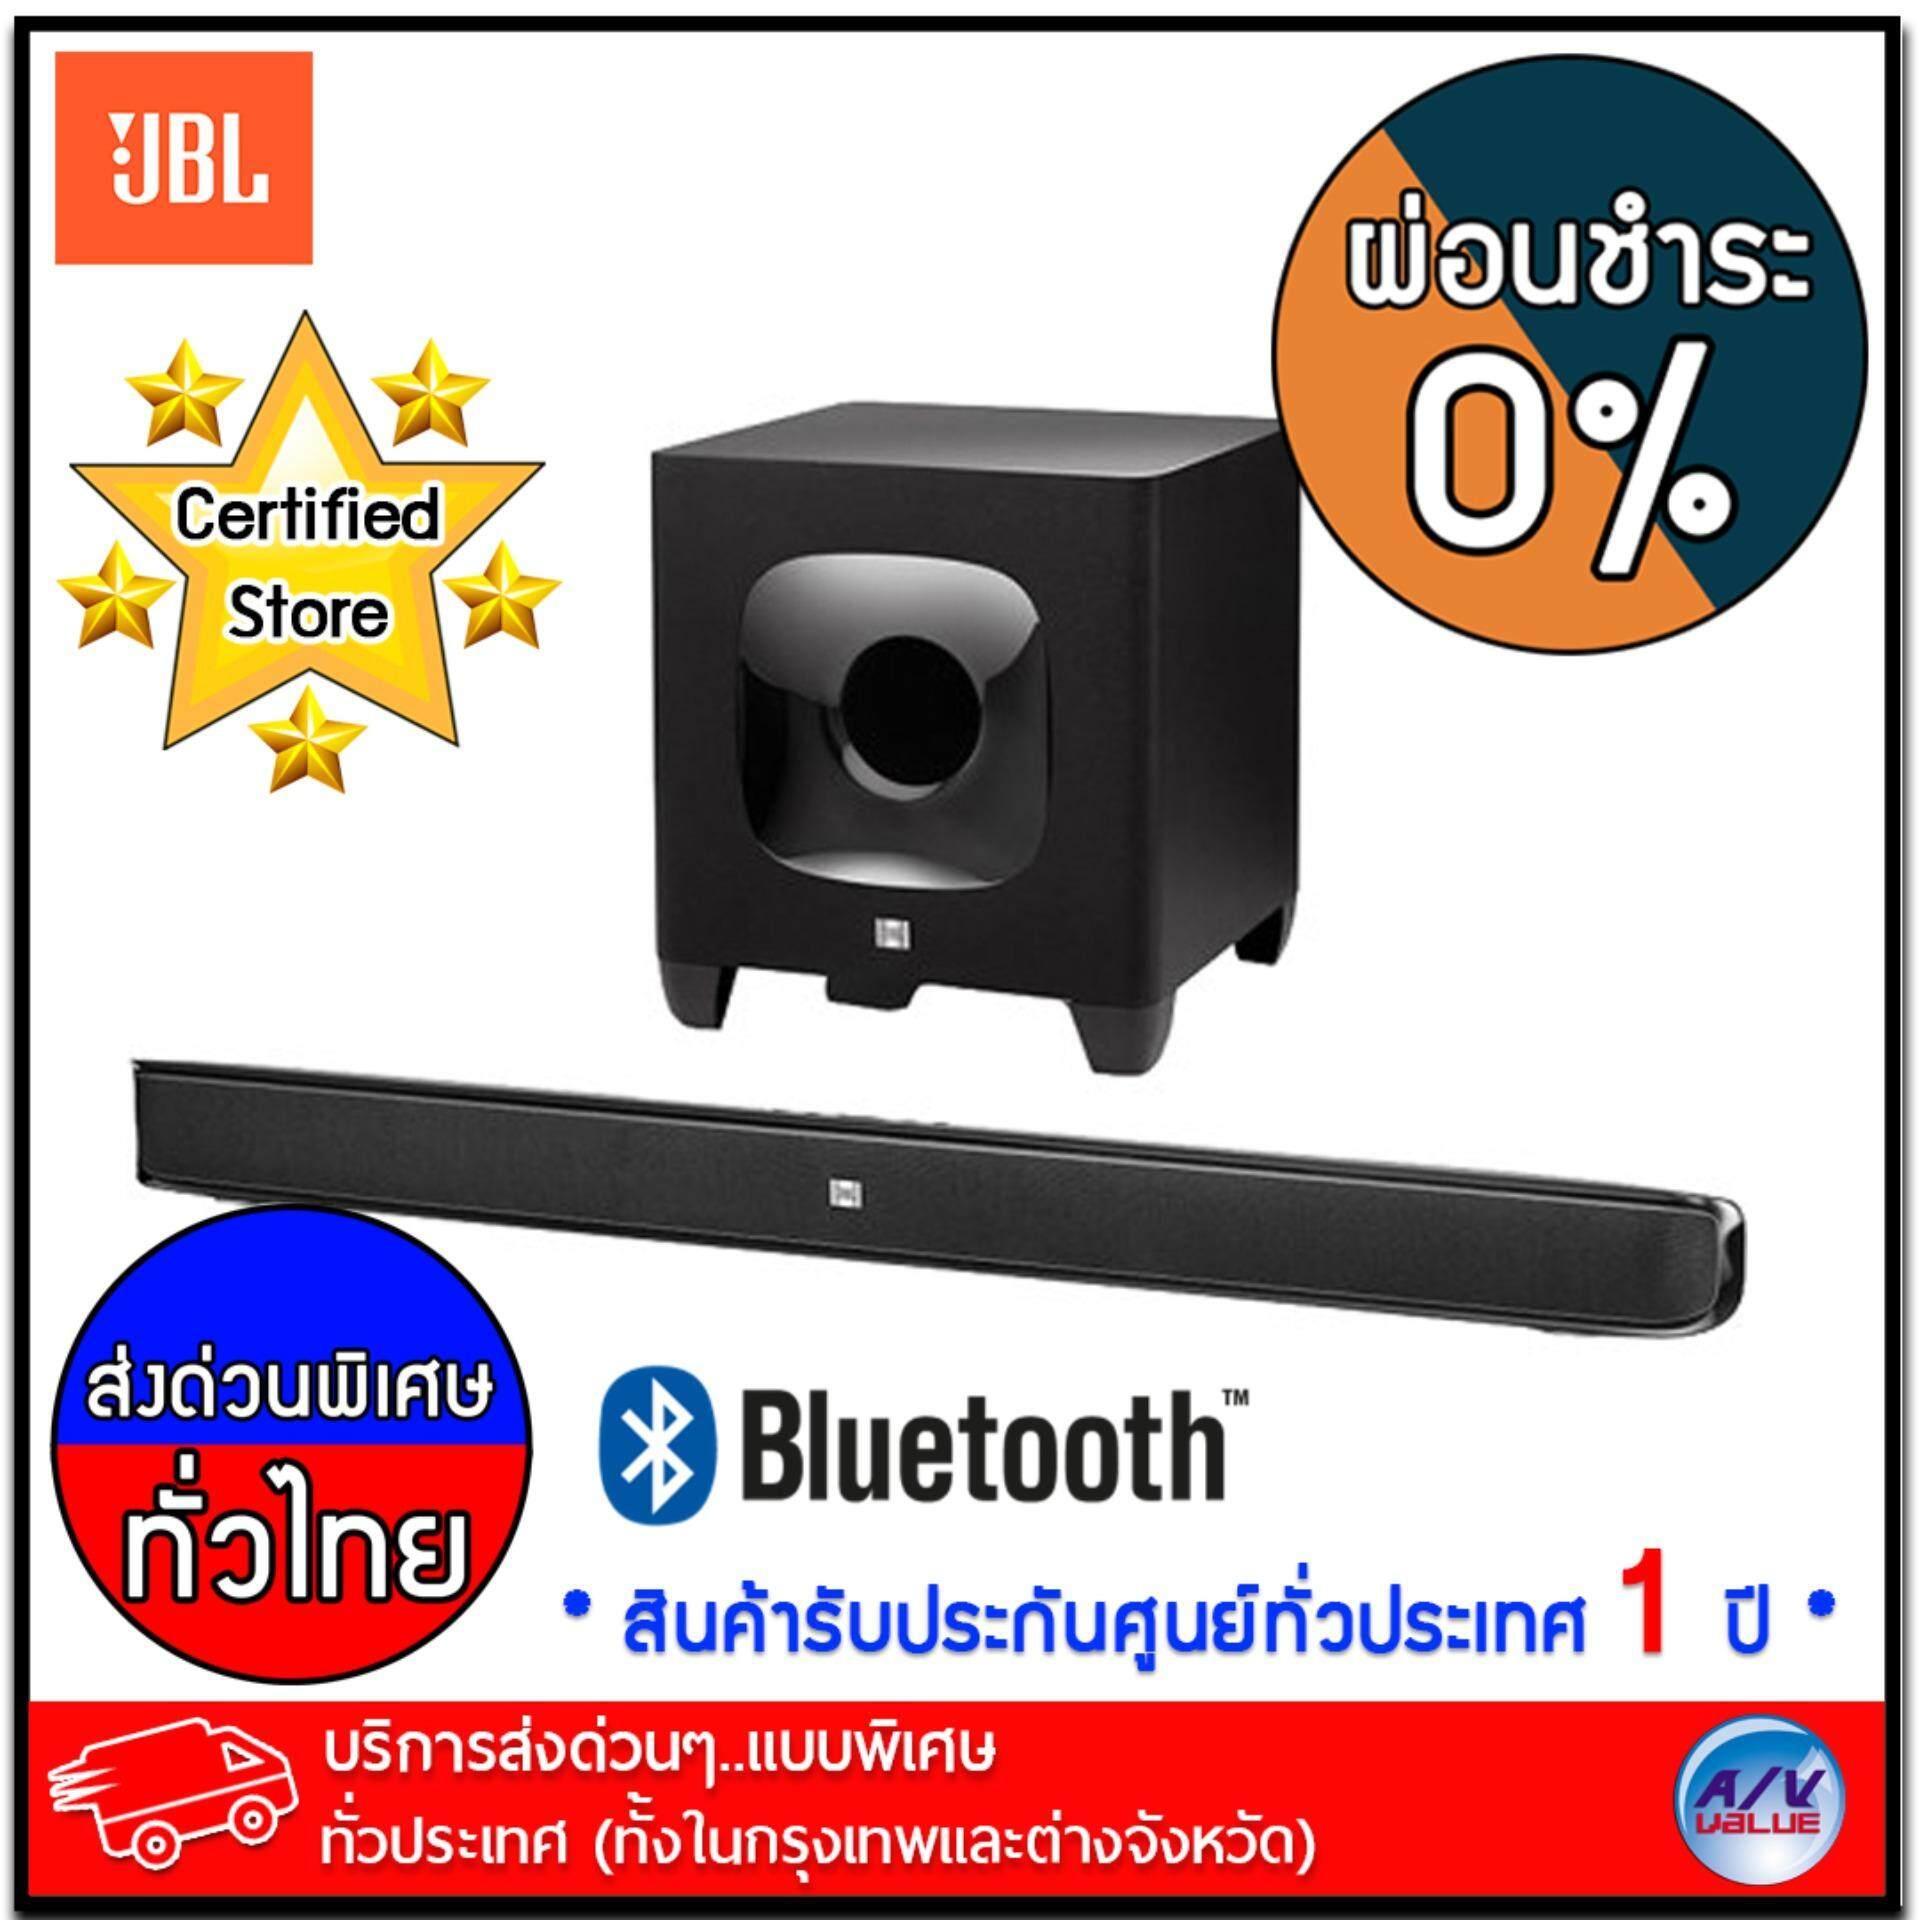 พะเยา JBL Cinema Soundbar รุ่น SB-400 **สินค้าราคาพิเศษมีจำนวนจำกัด!!